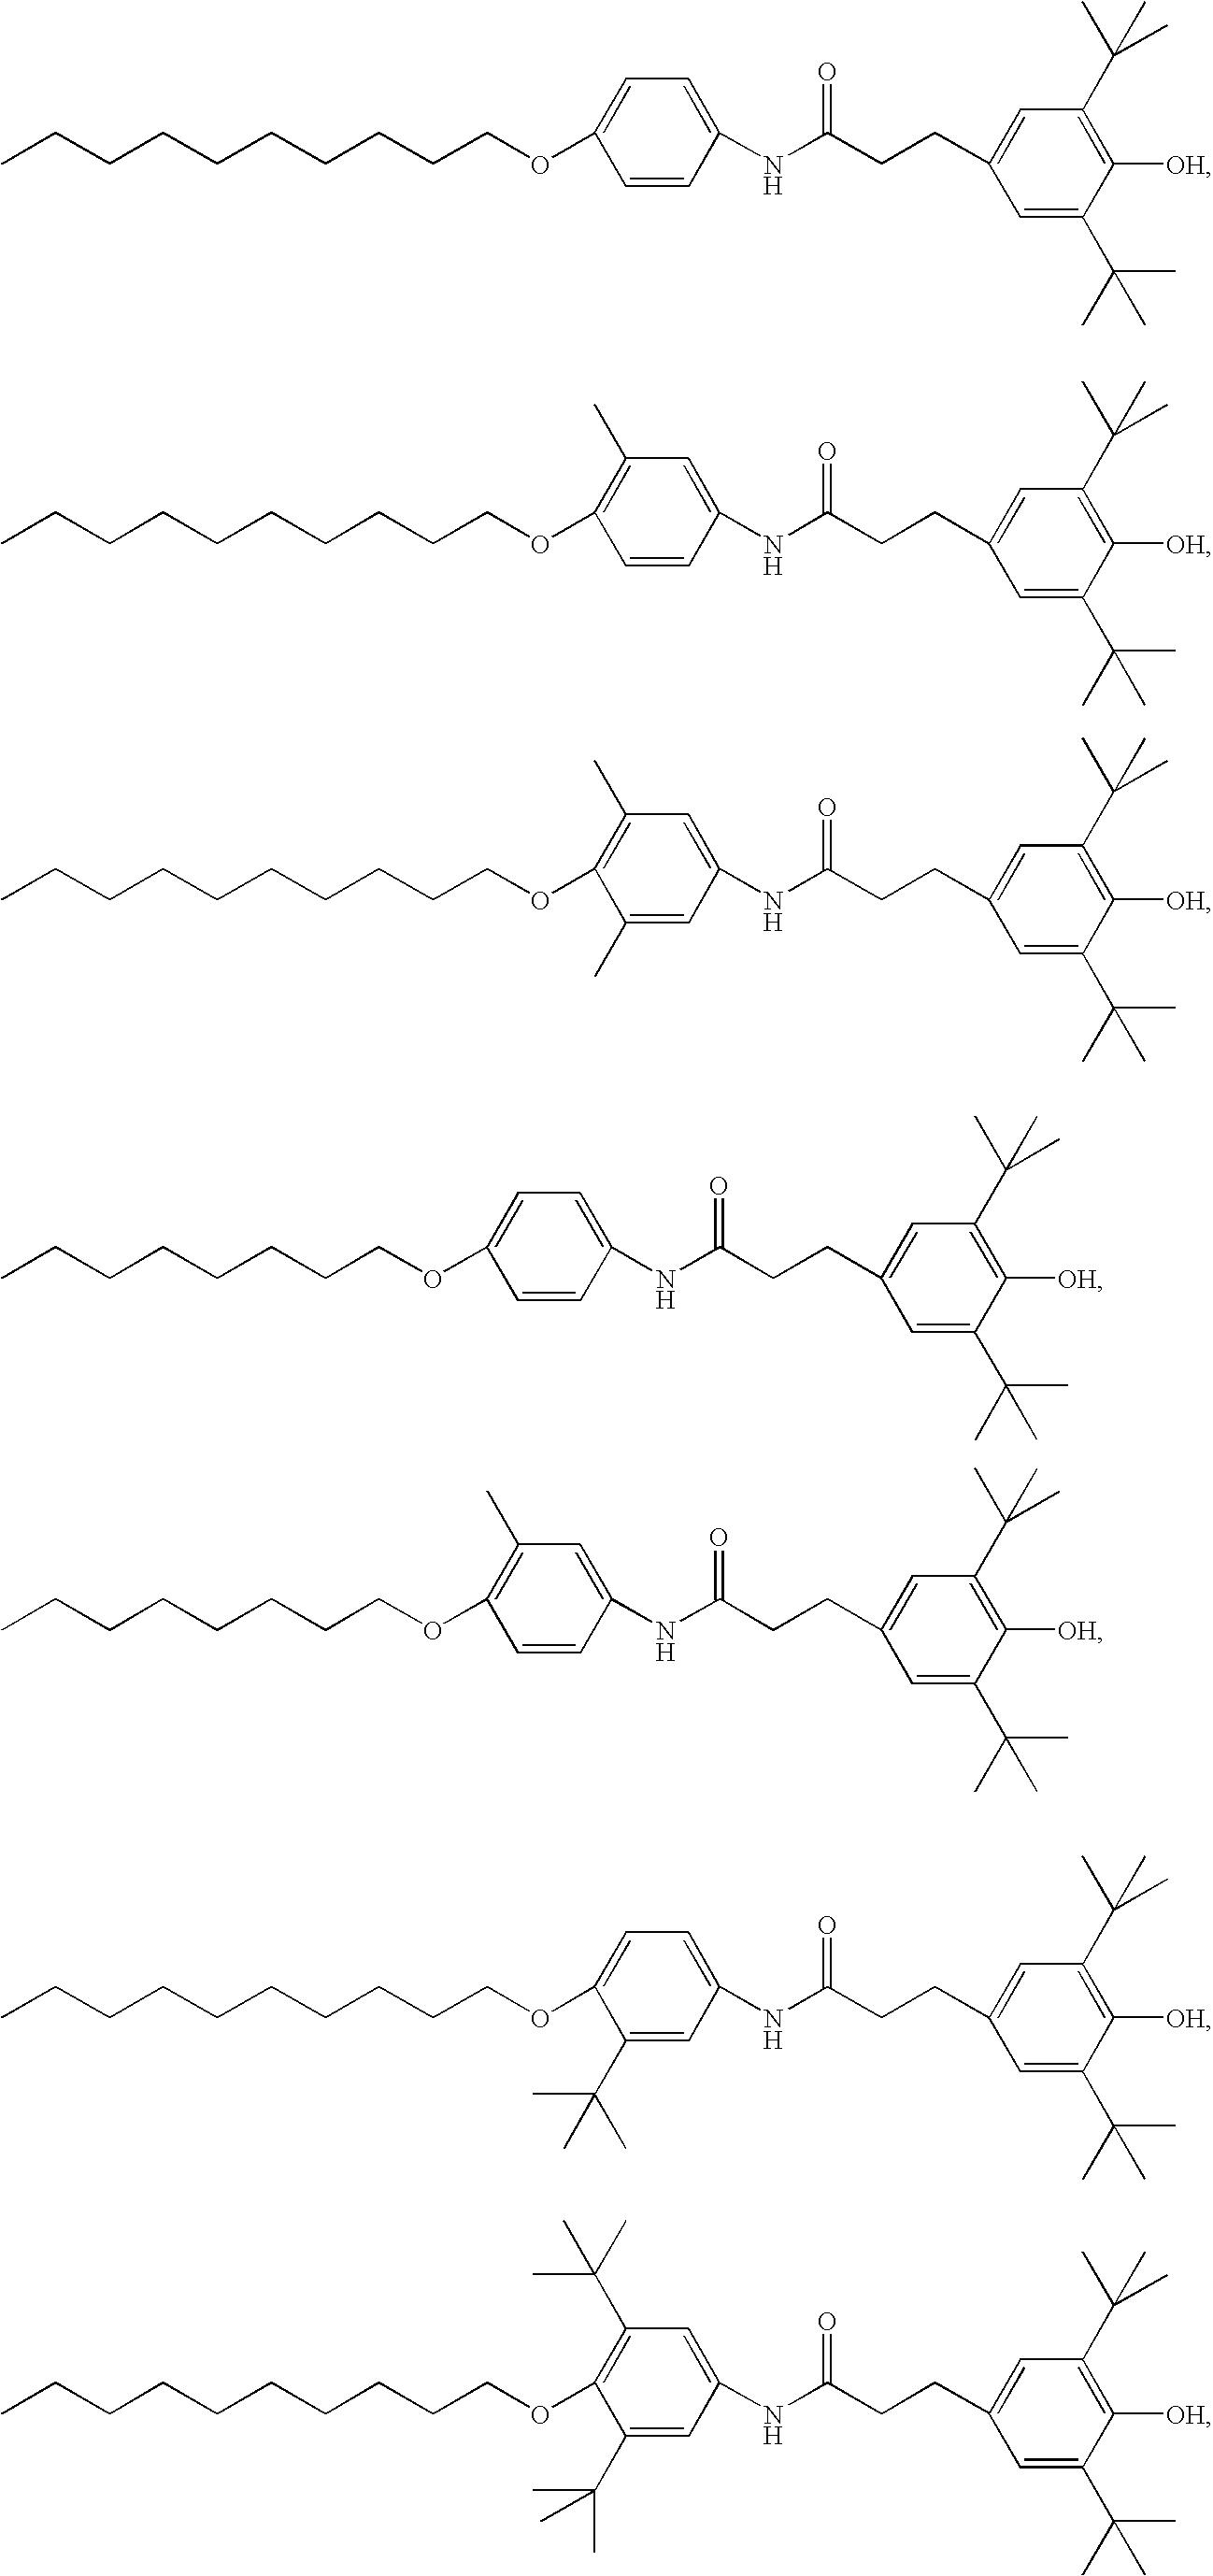 Figure US20080293856A1-20081127-C00095